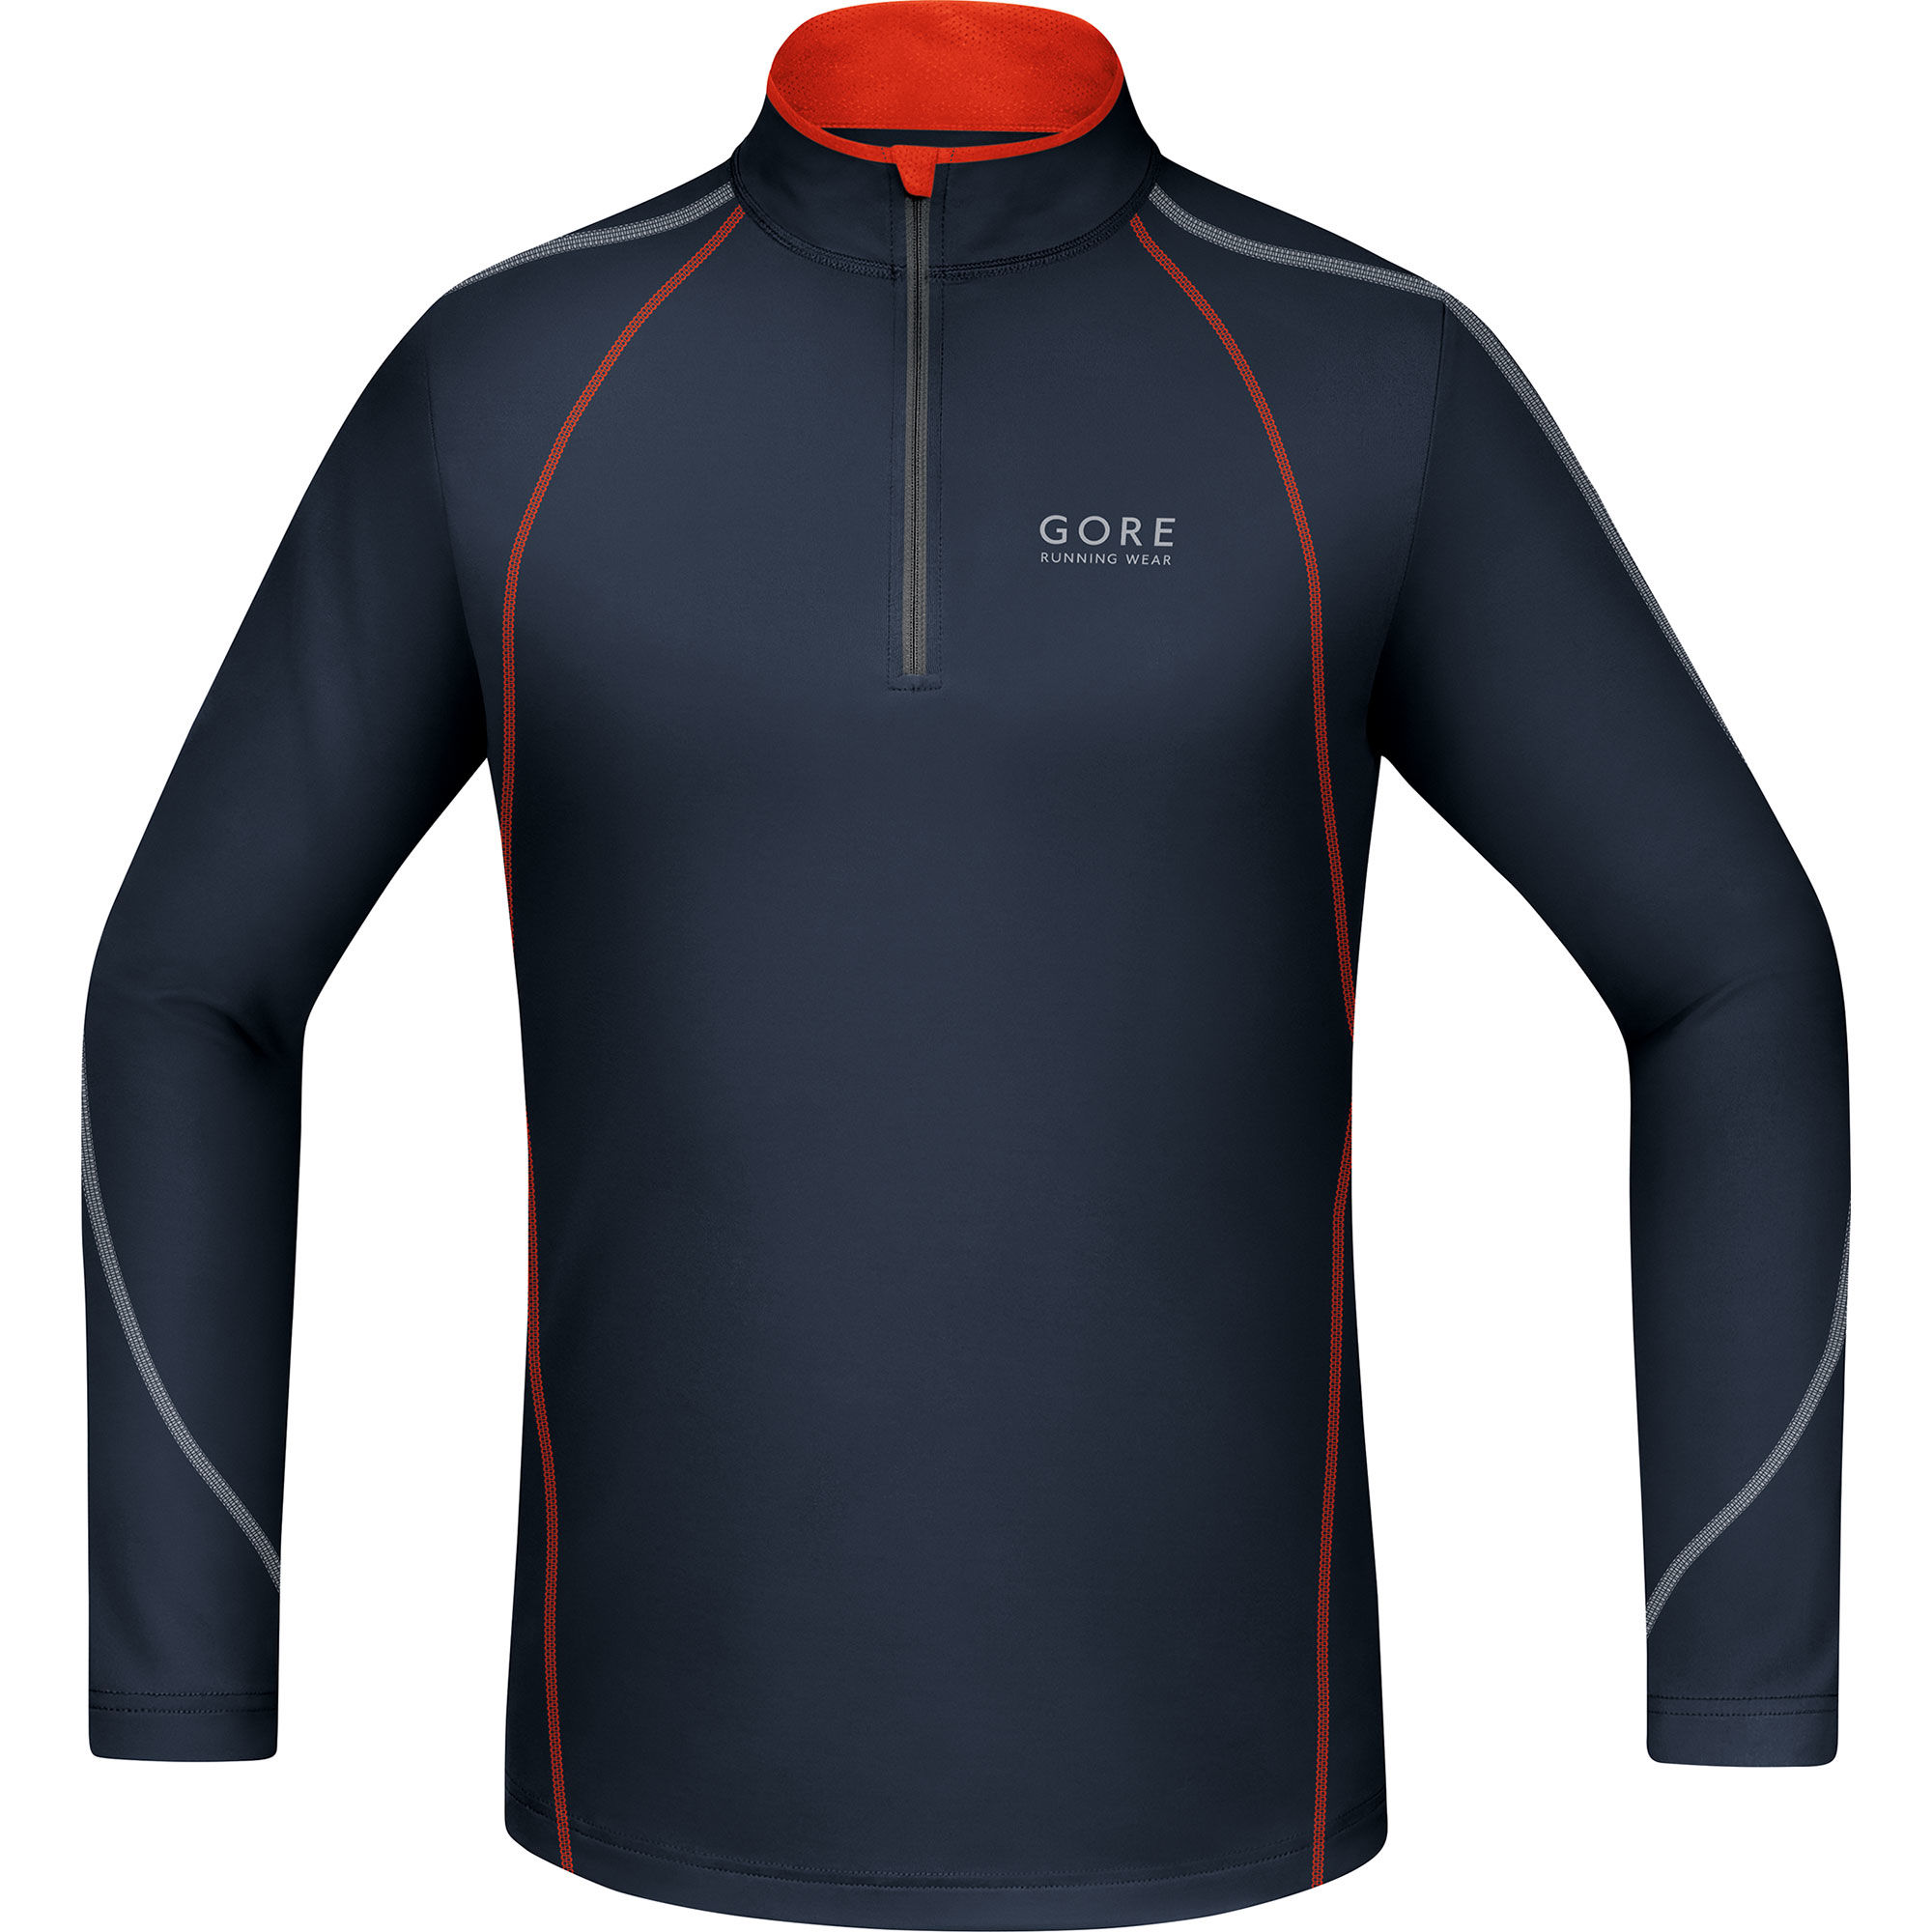 Gore Essential Zip Shirt lang in Schwarz Orange